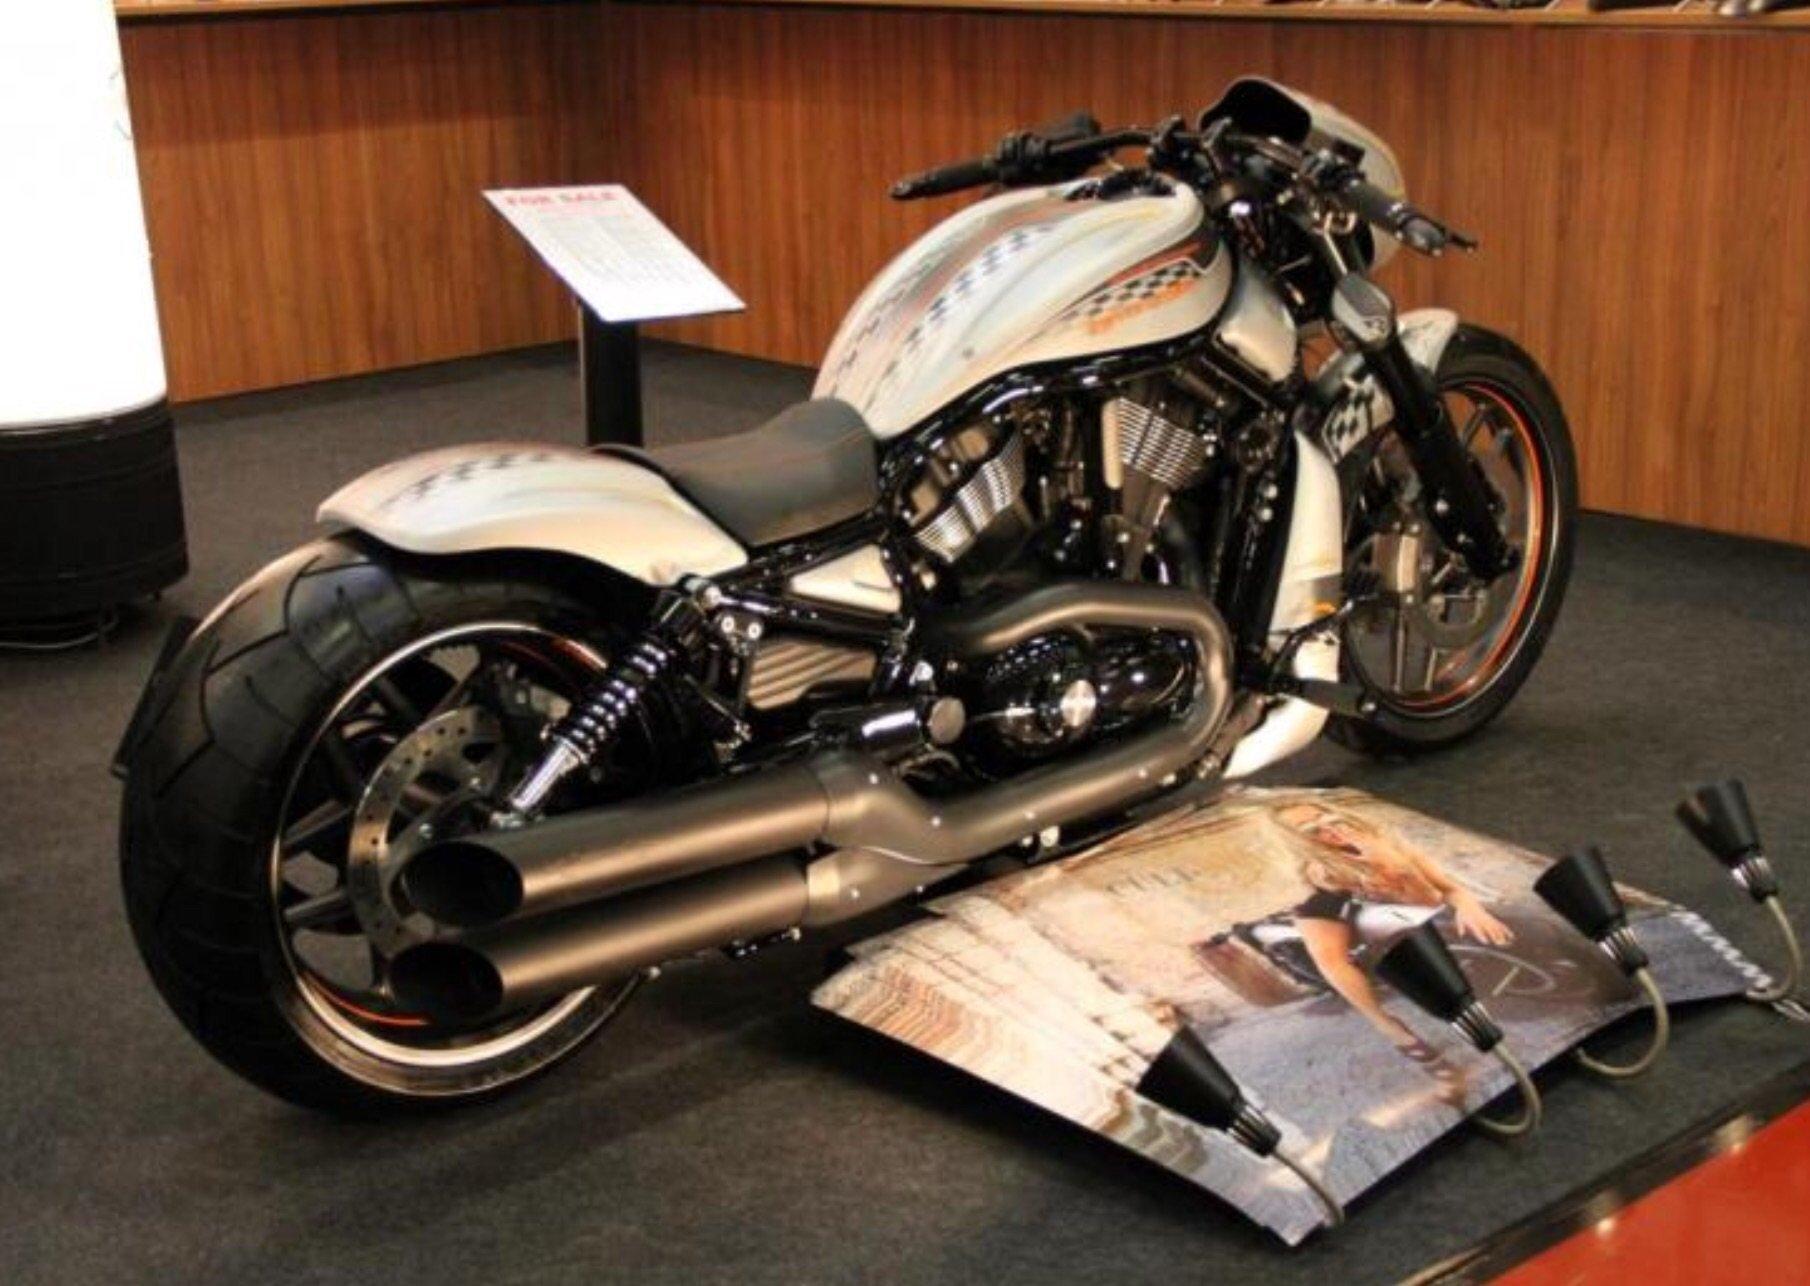 Harley davidson total quality management